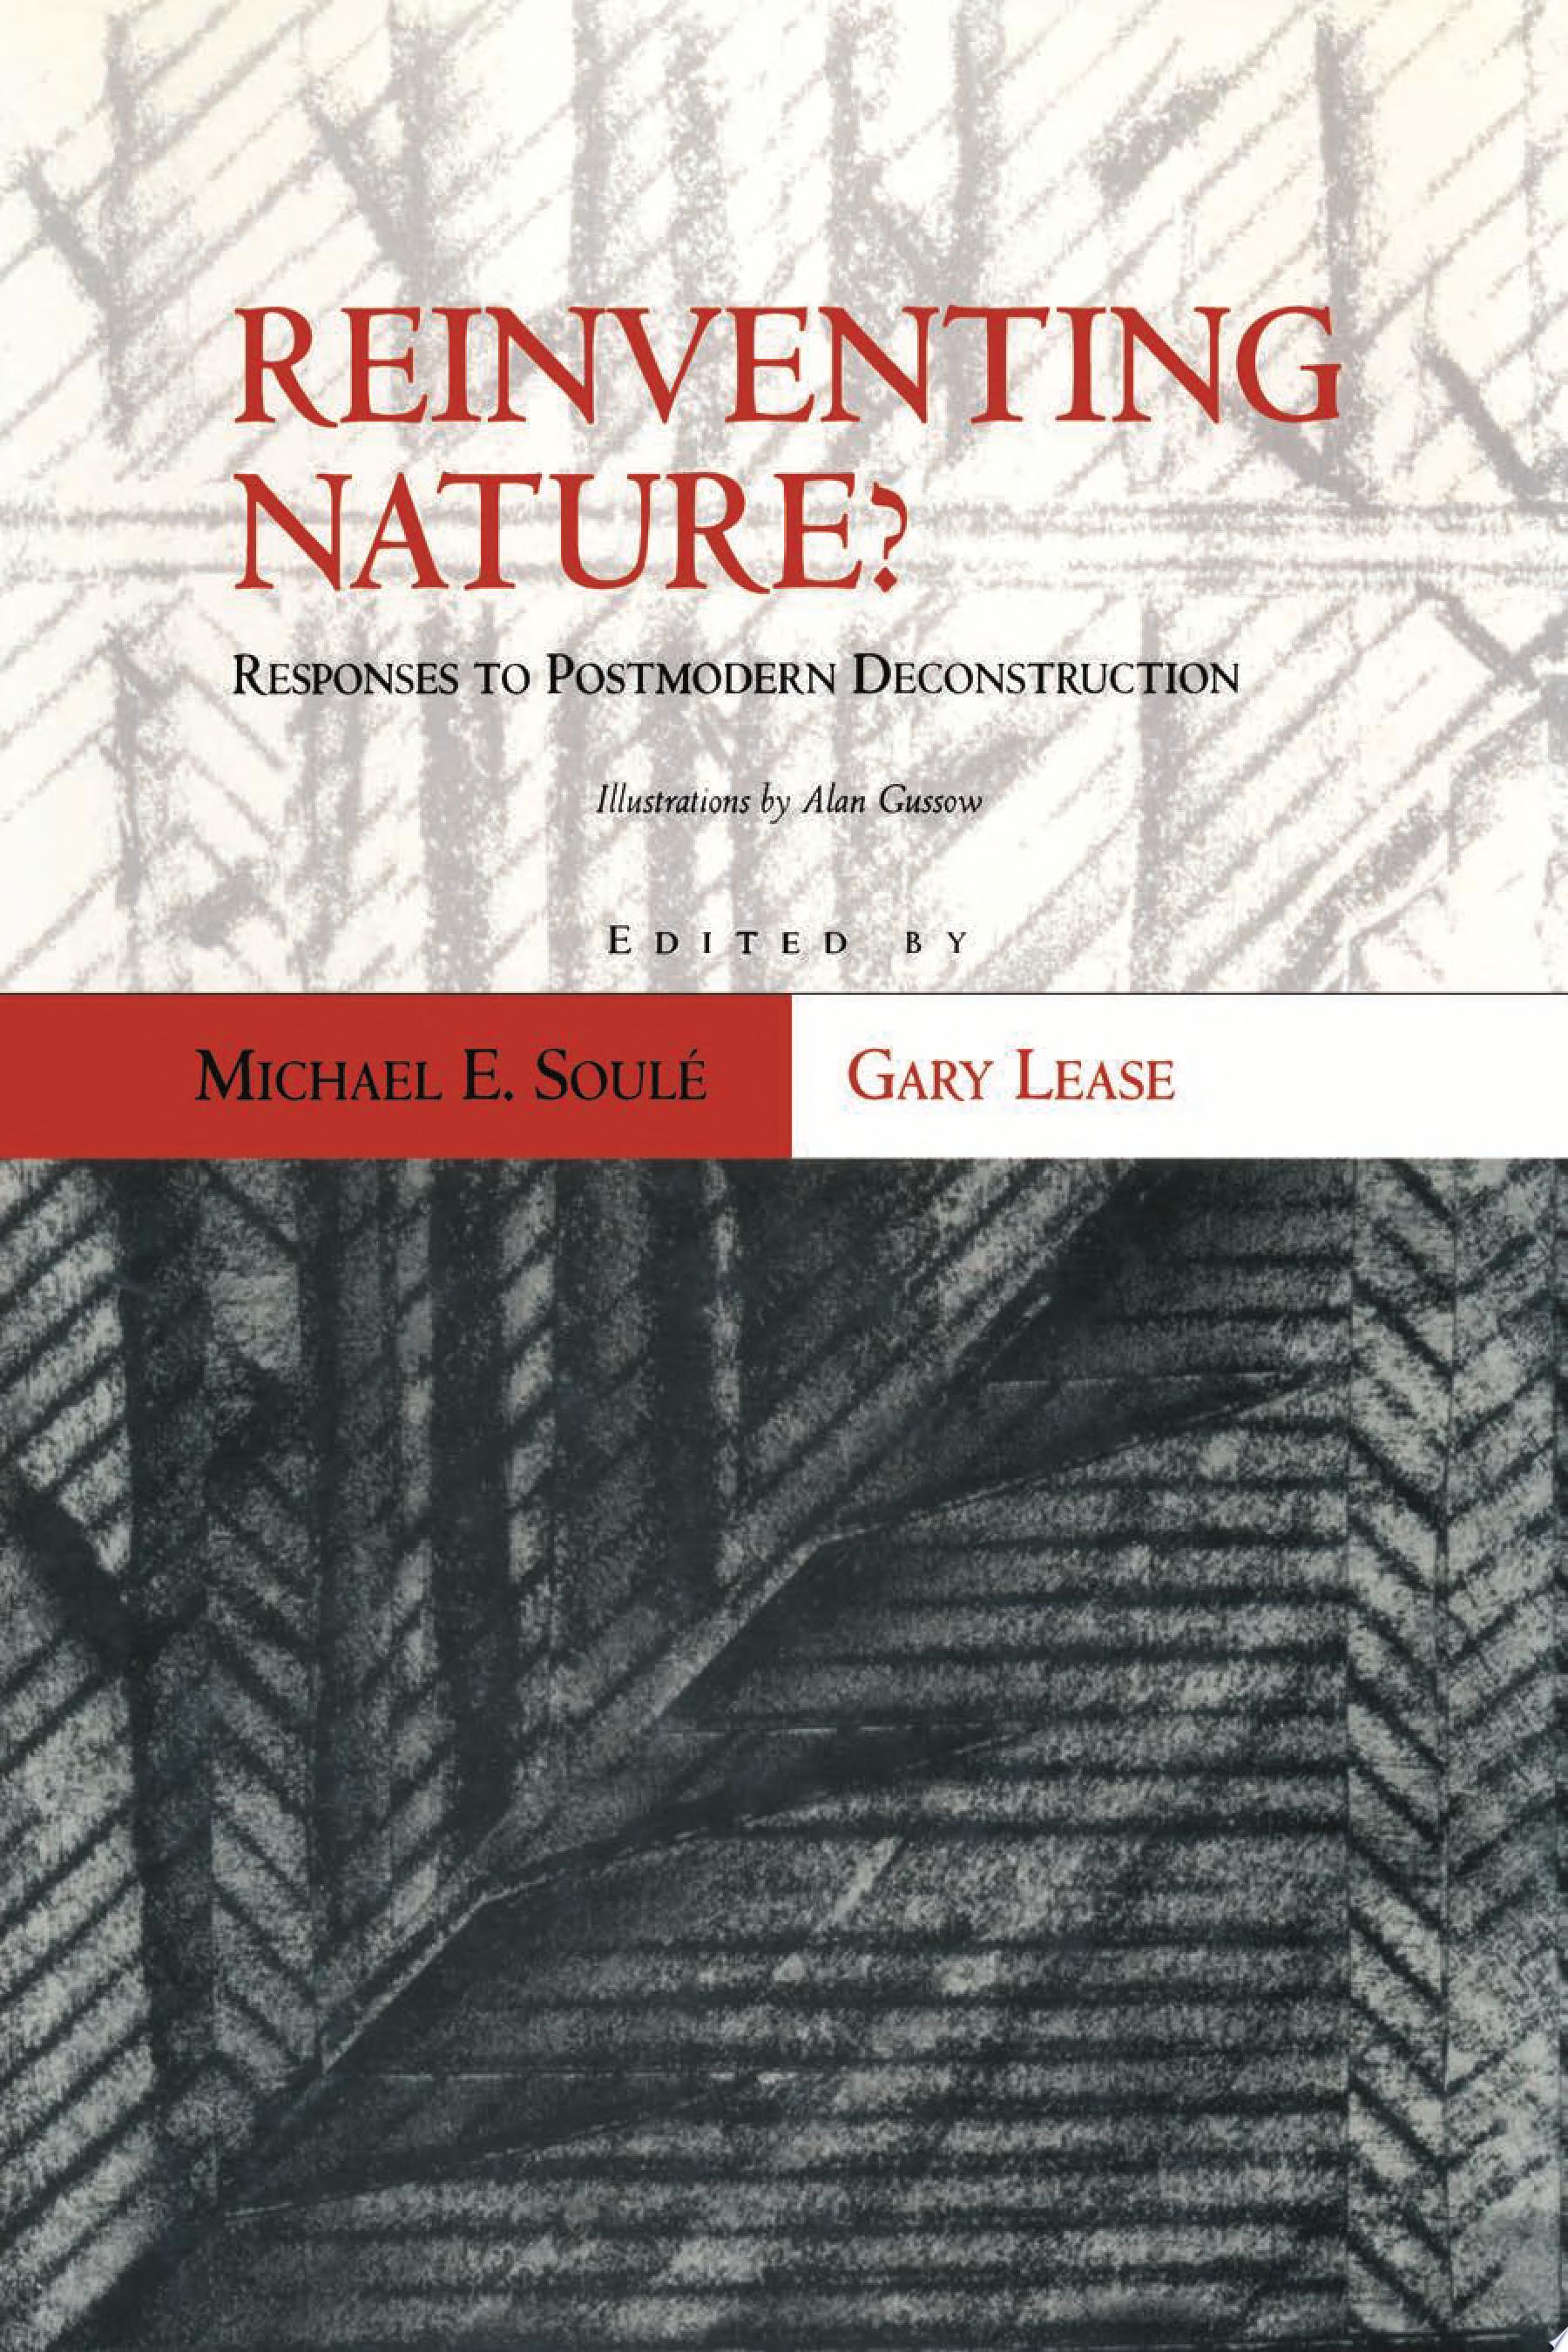 Reinventing Nature